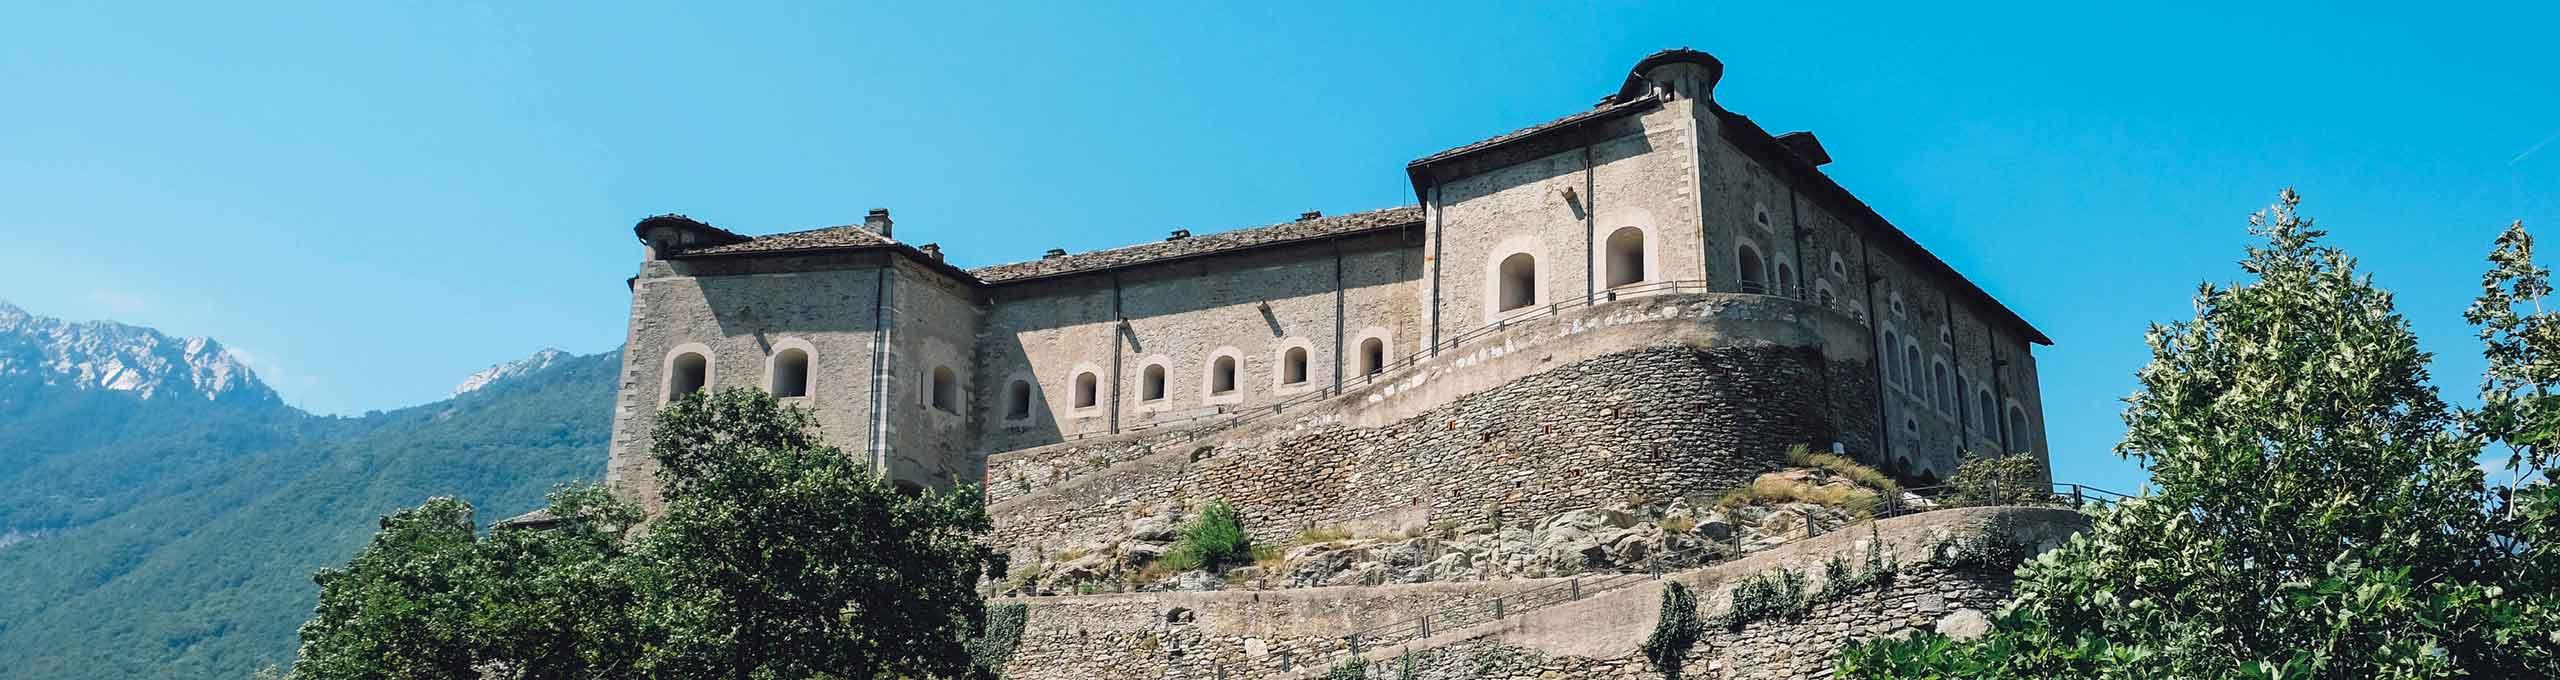 Forte di Bard Museo delle Alpi